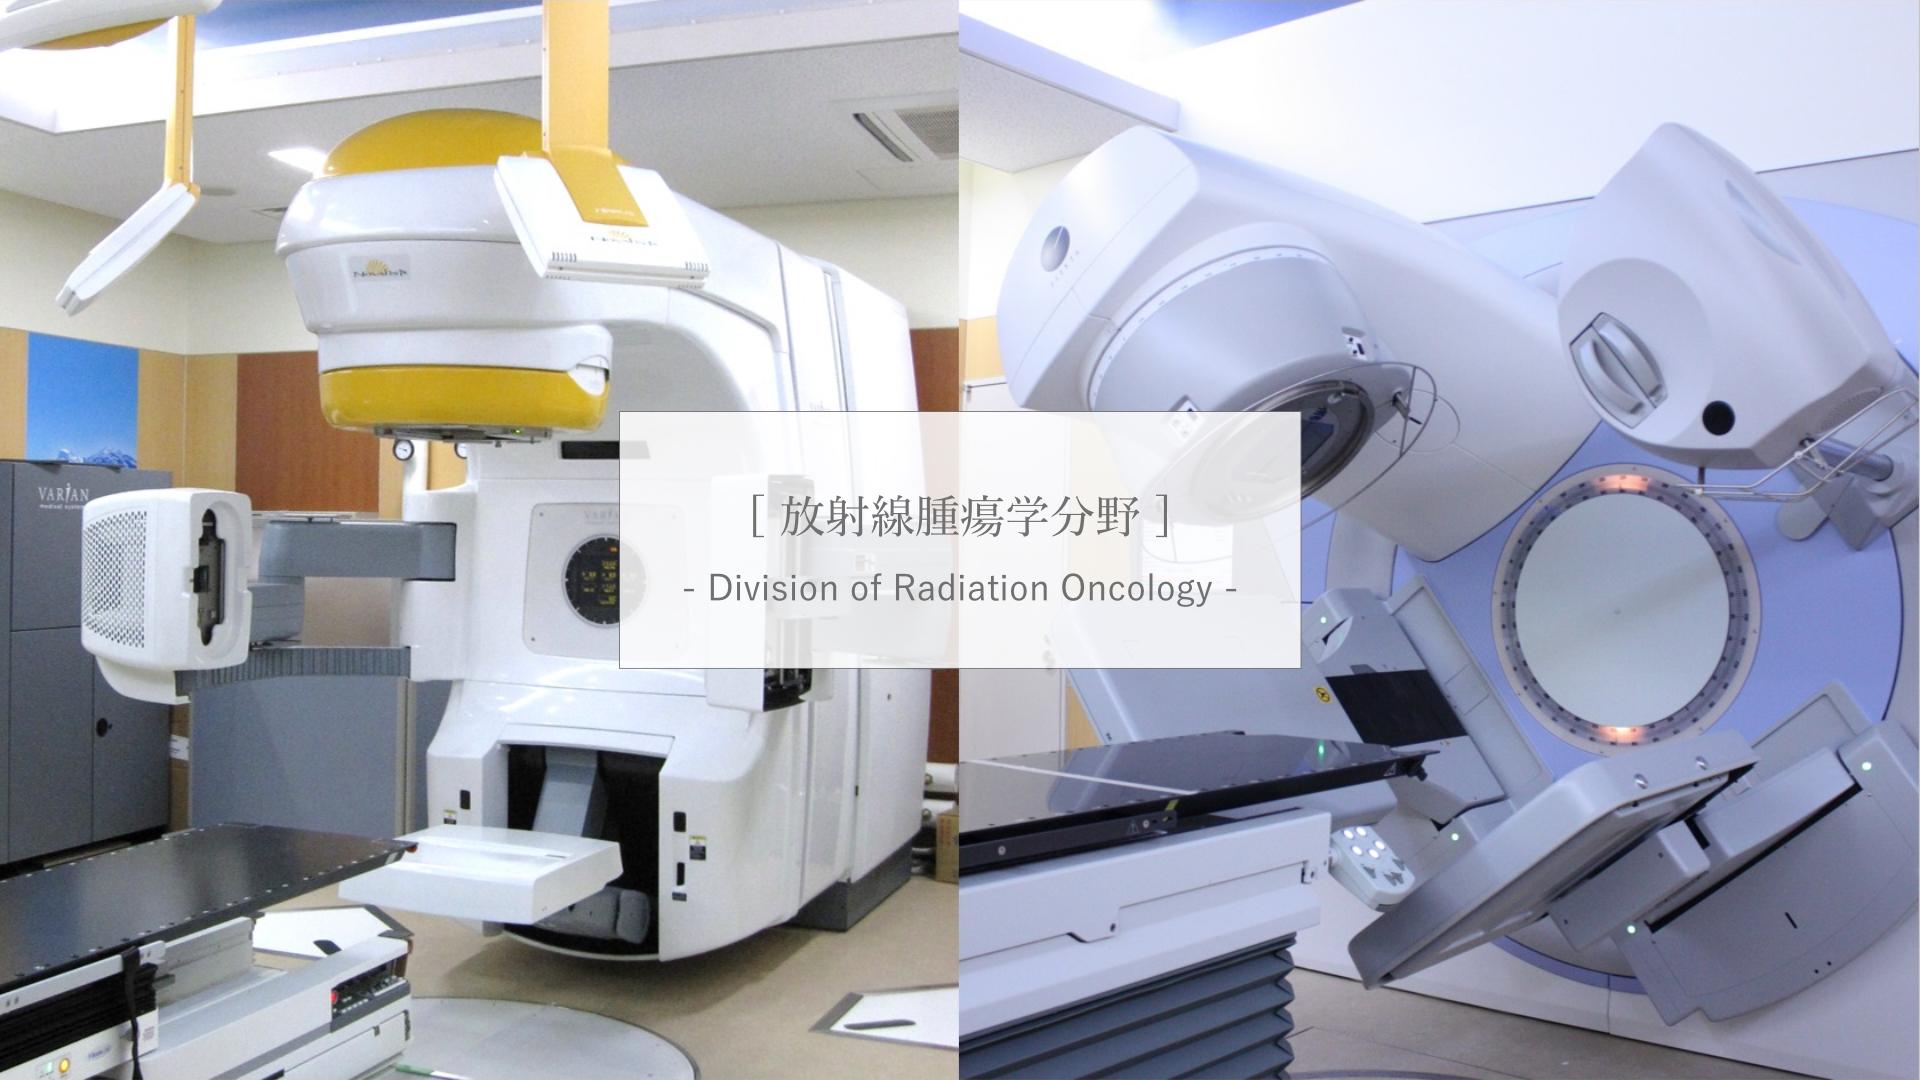 放射線腫瘍学分野